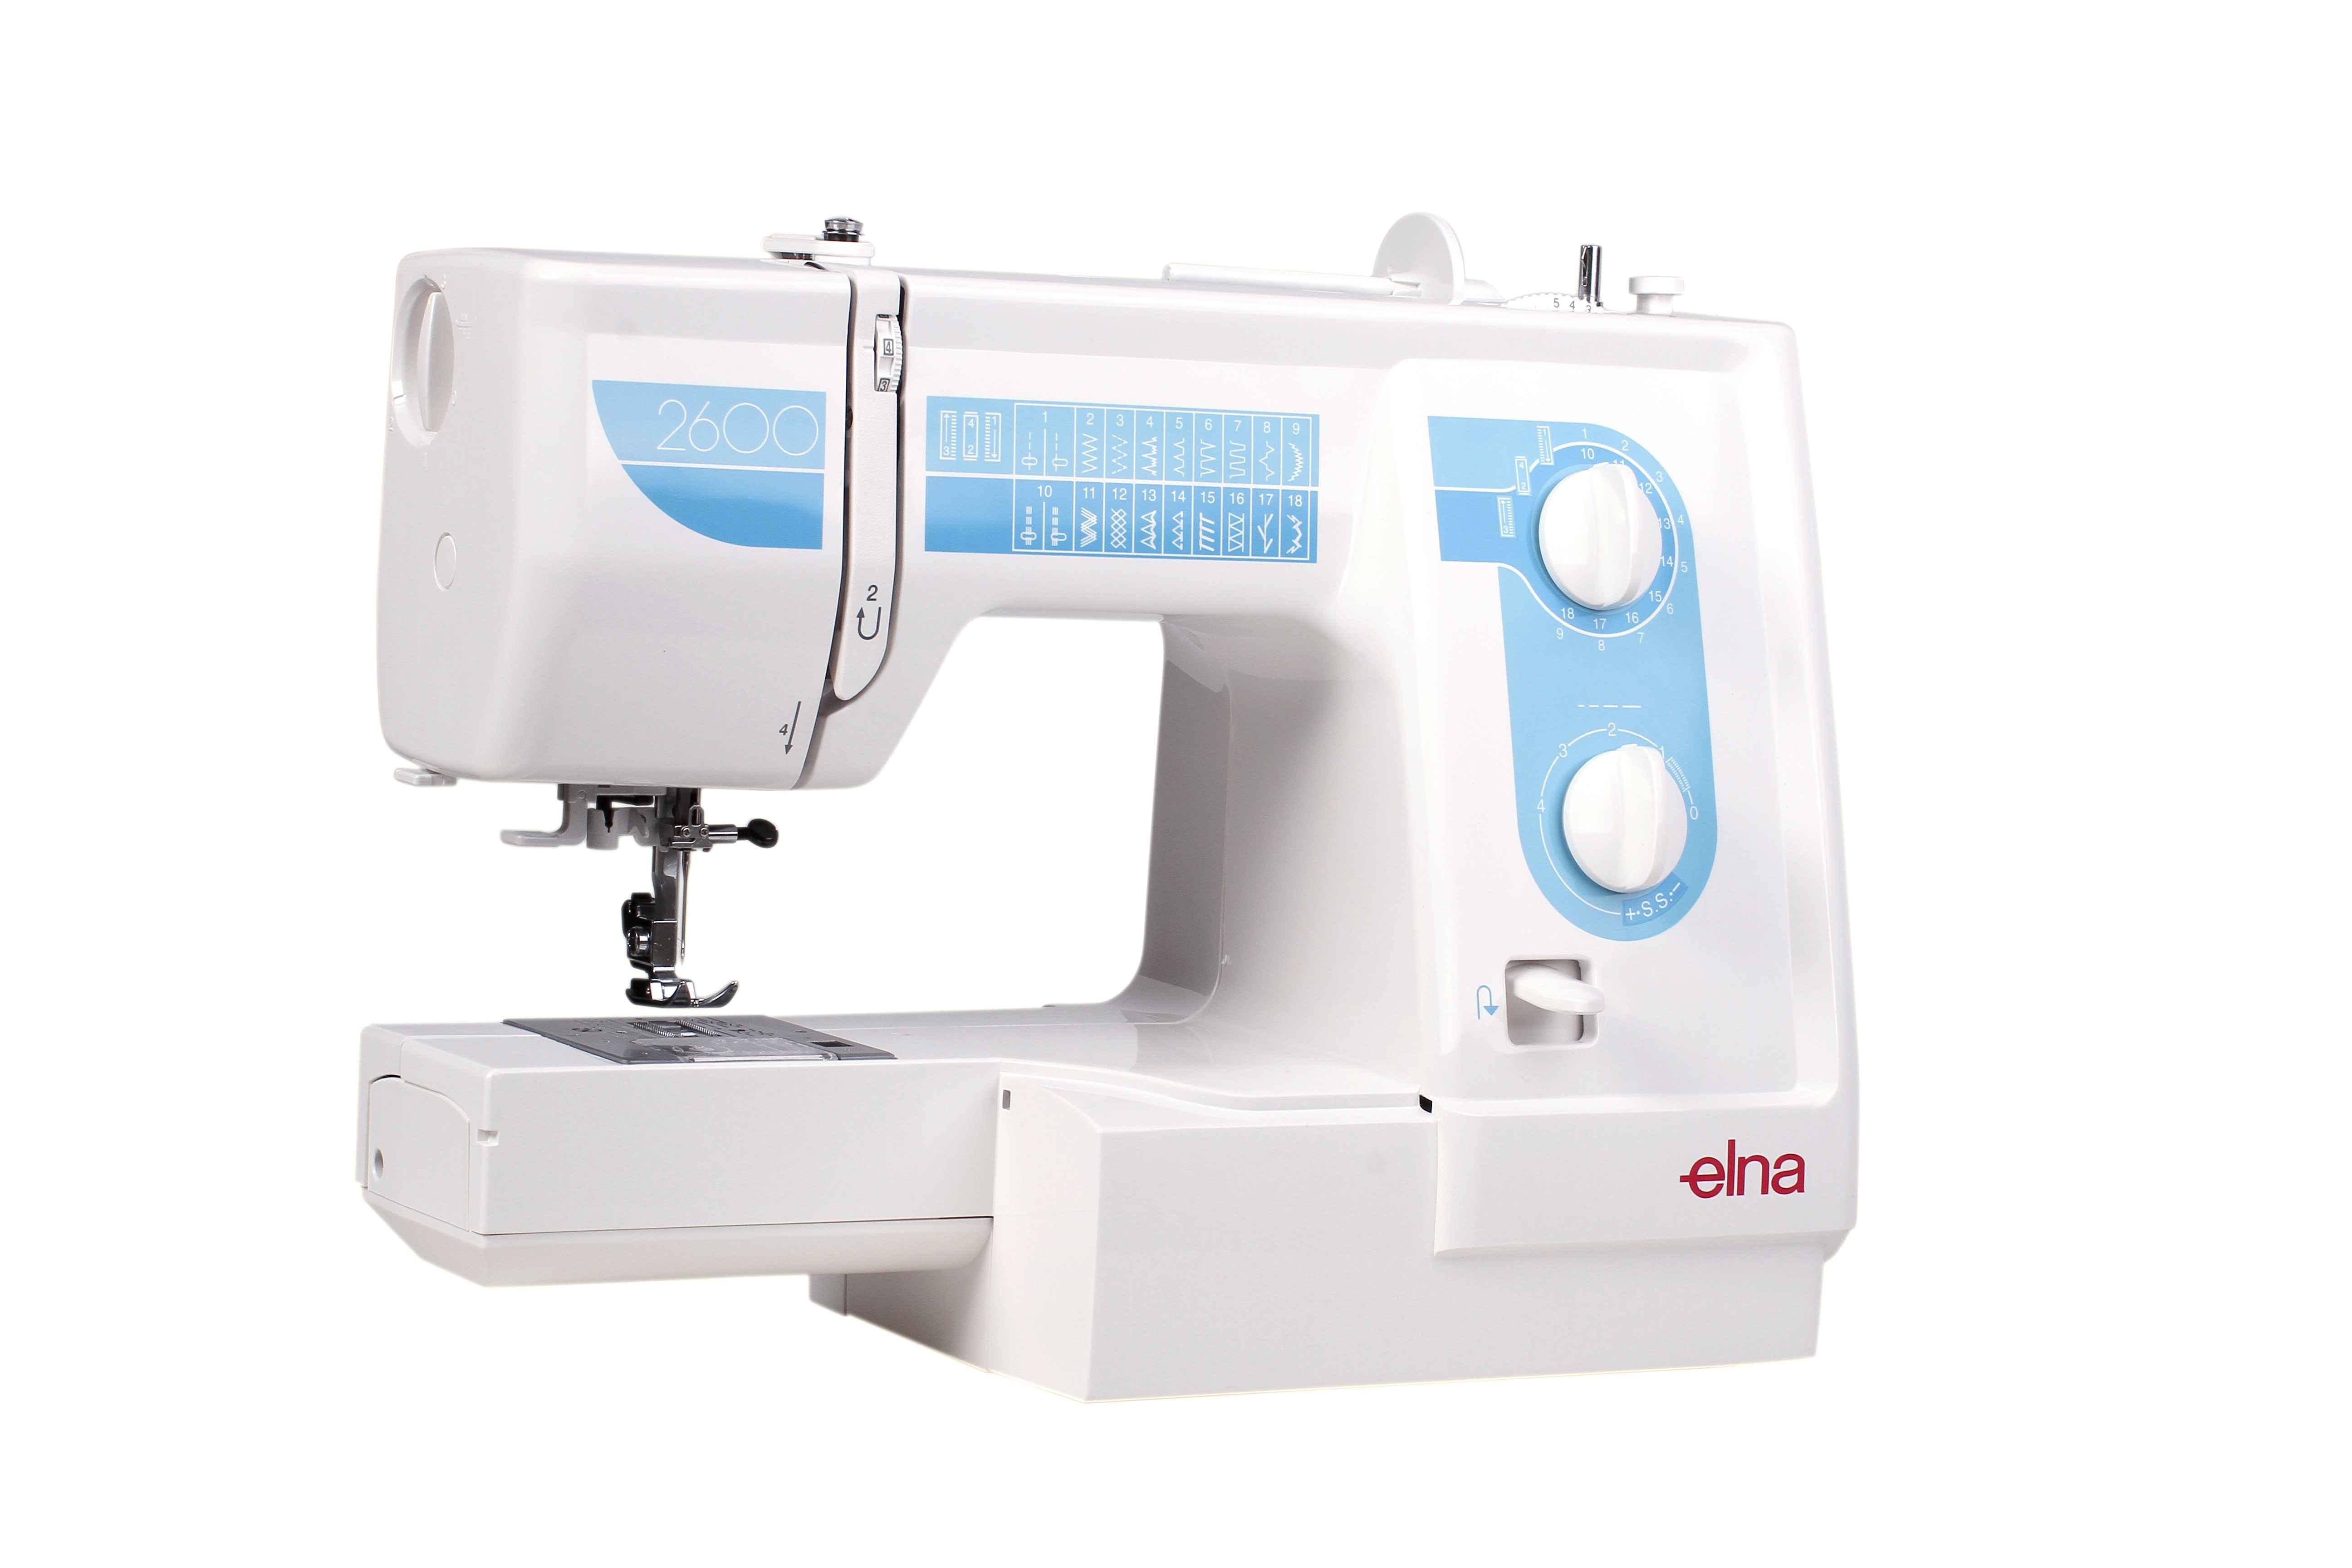 Швейная машина Elna 2600 каталог montblanc